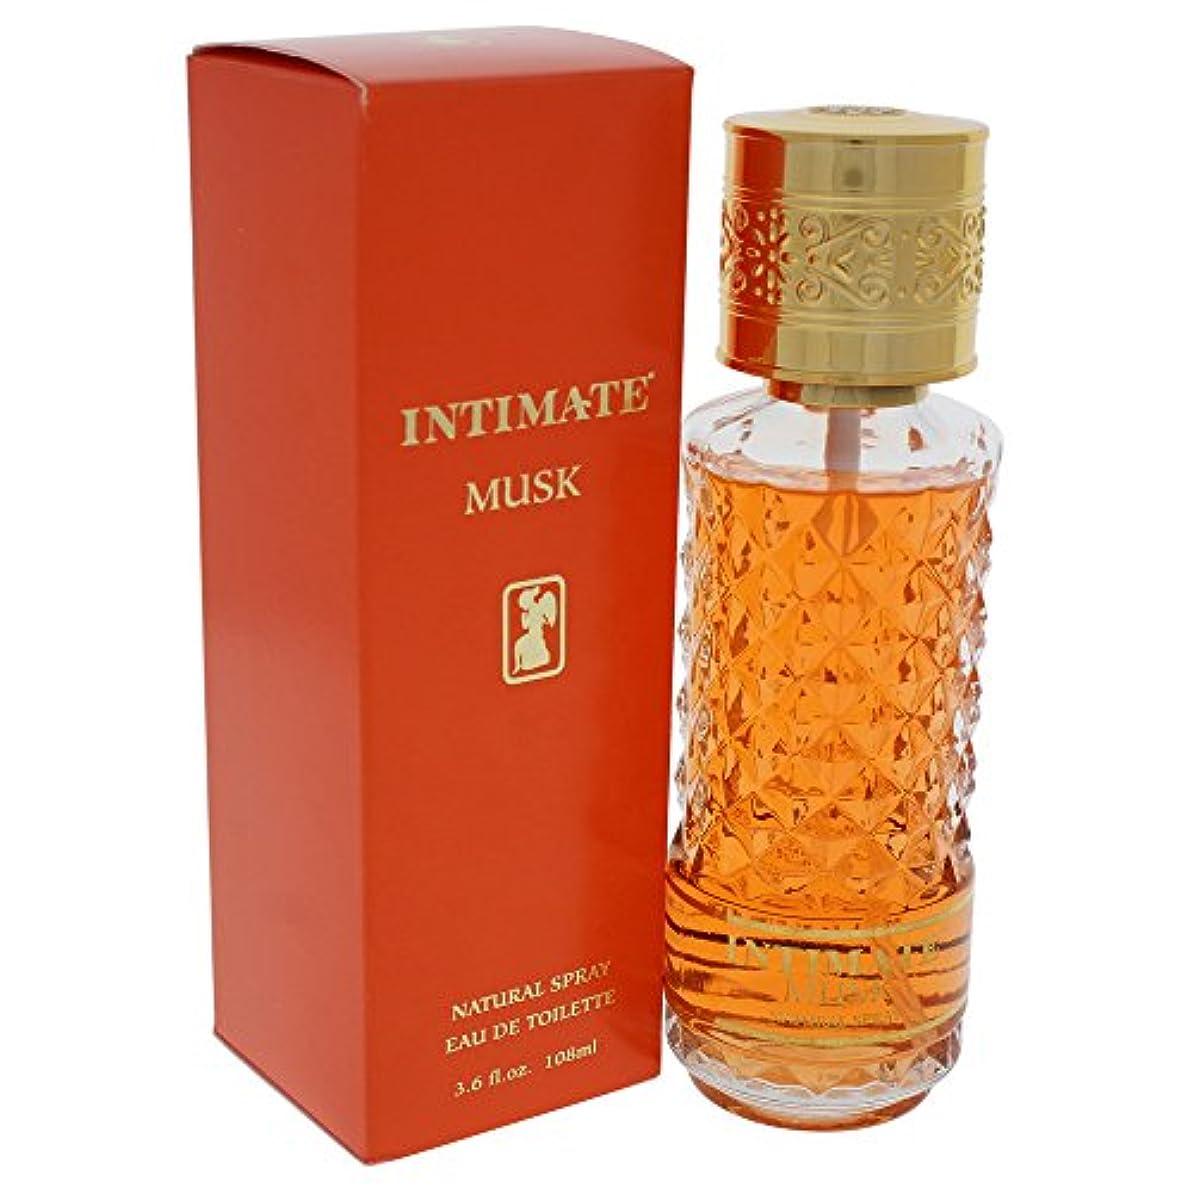 嫉妬コンピューターゲームをプレイするホイストJean Philippe Intimate Musk 100ml/3.4oz Eau De Cologne Perfume Spray for Women